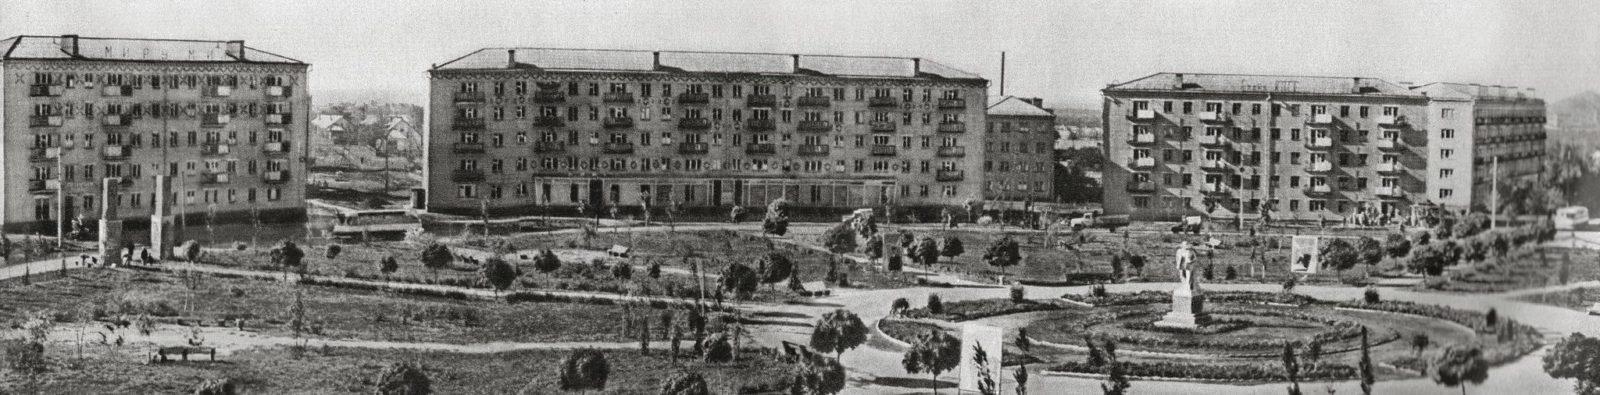 Фотолетопись. Сталино. Площадь Победы с Лениным. Начало 50-х.